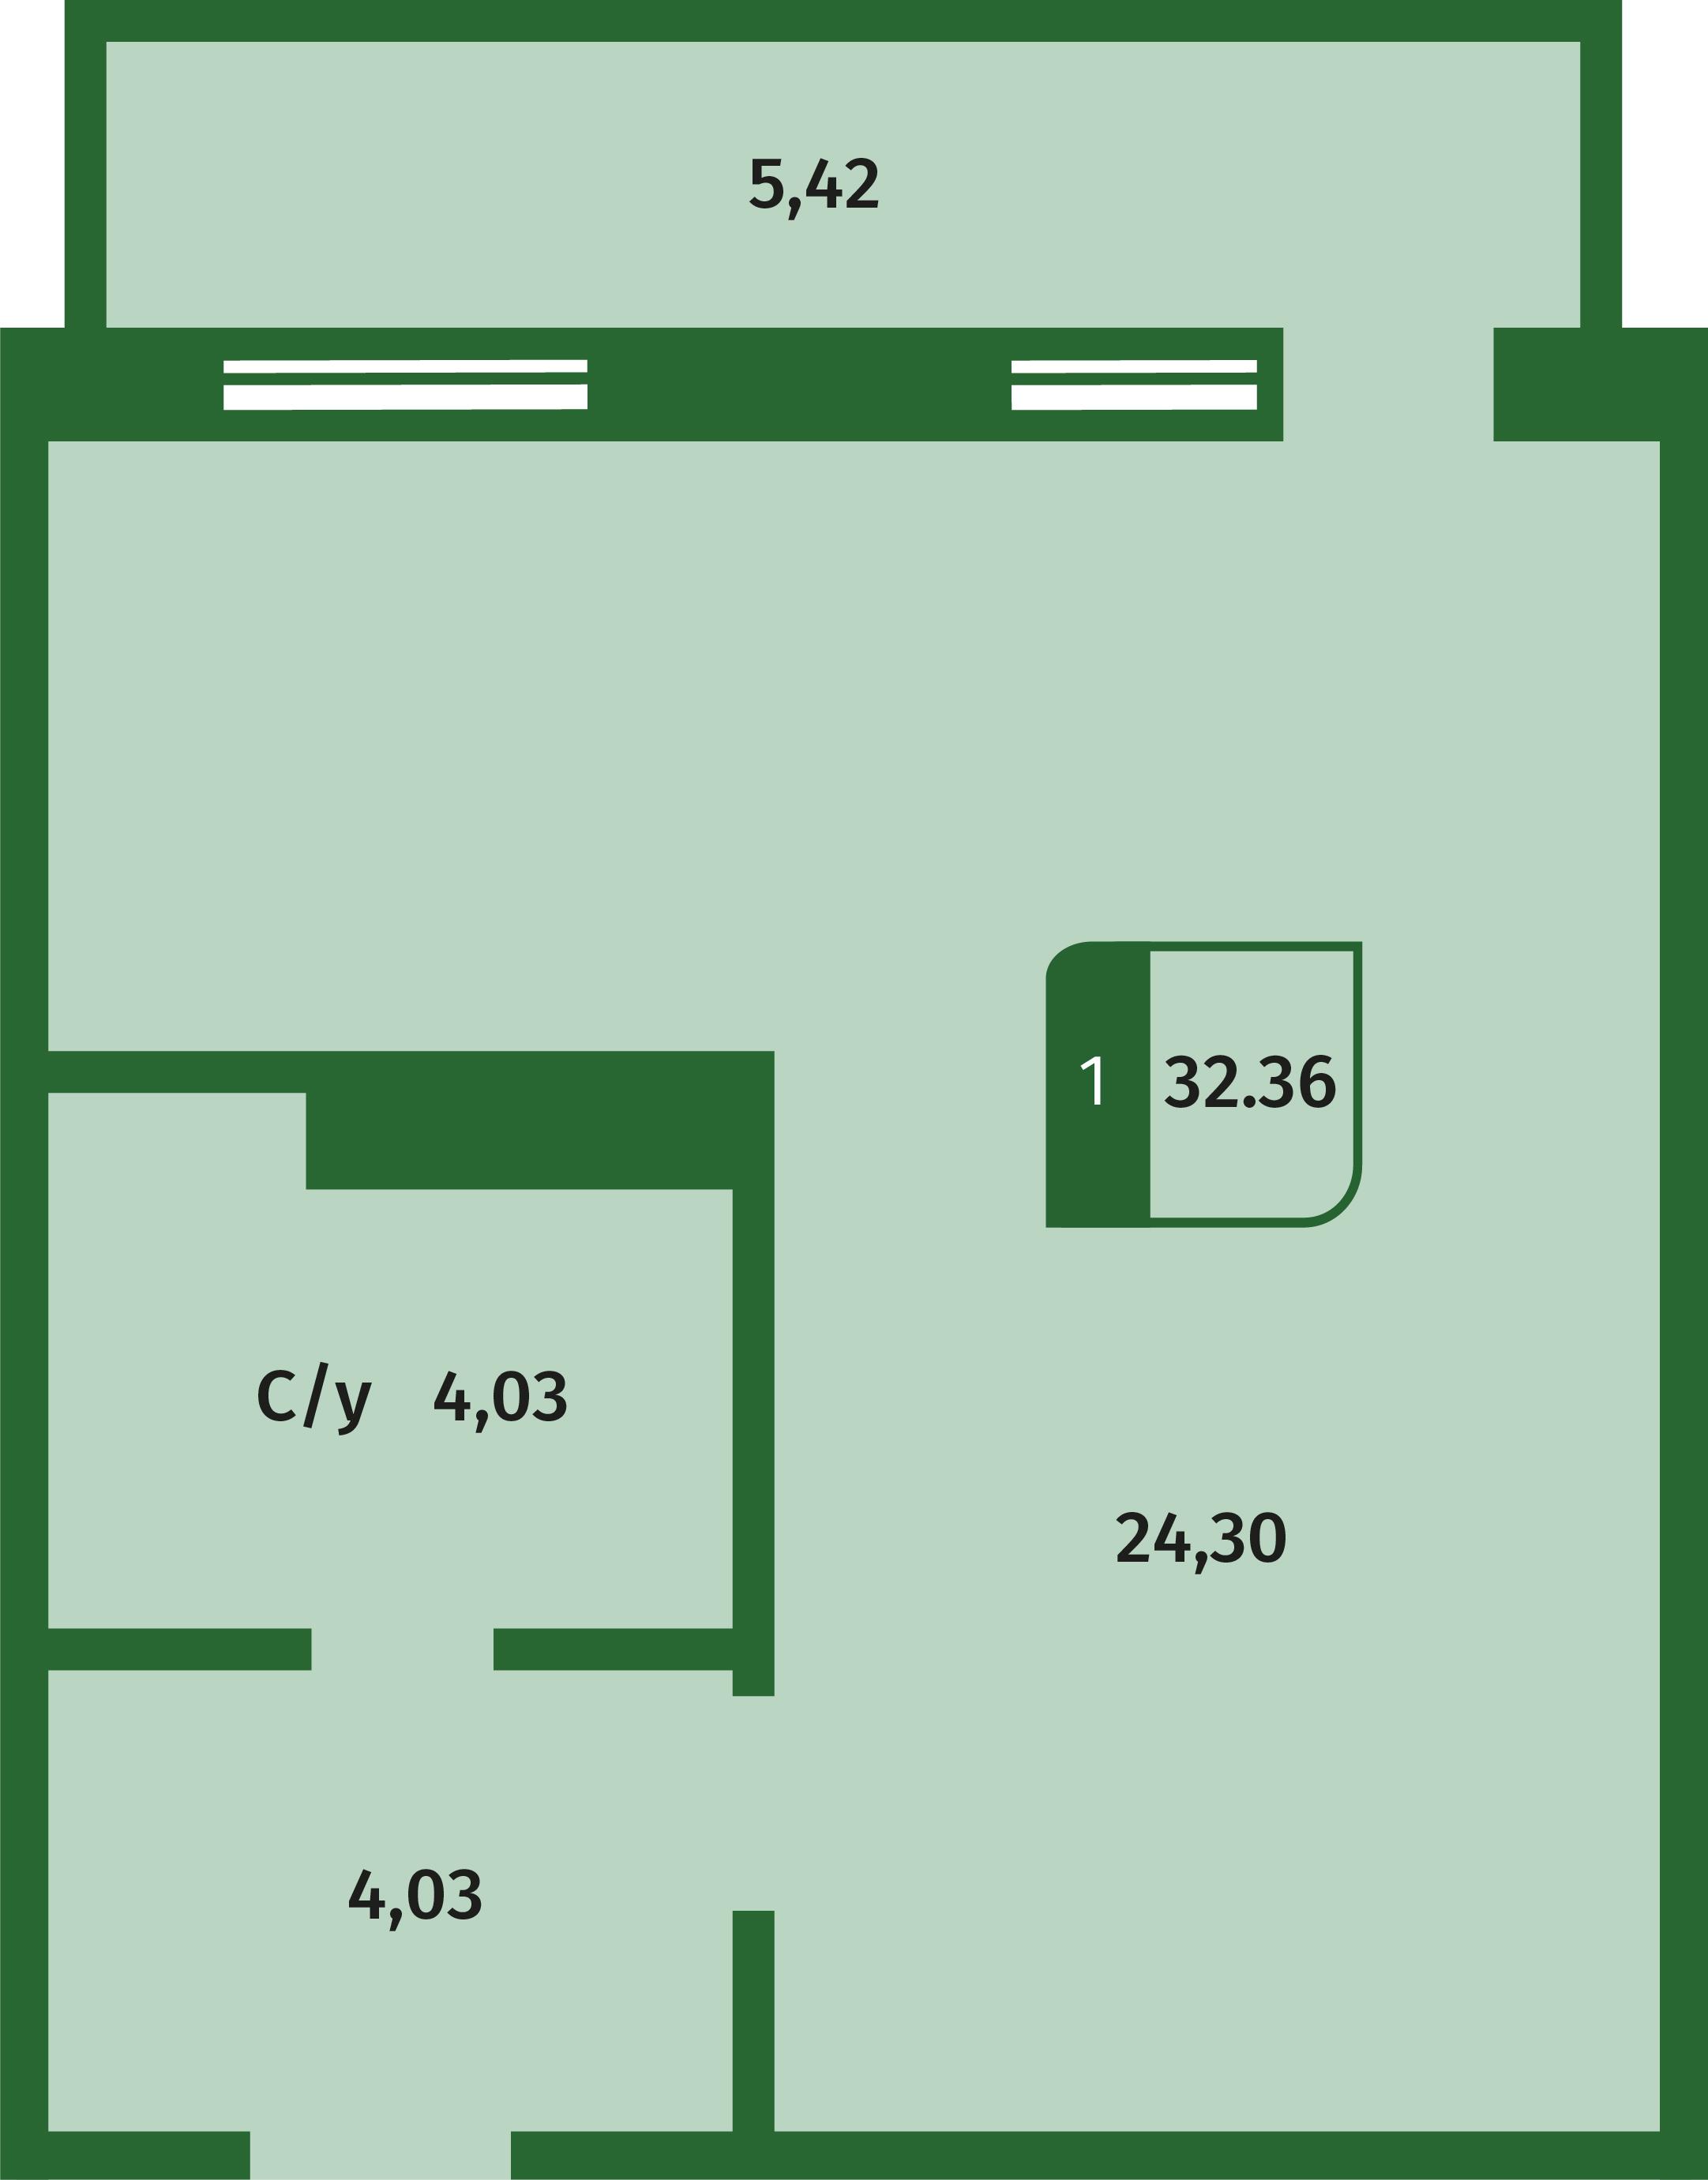 Продам инд по адресу Россия, Тюменская область, Тюмень, Закалужская, 2/1 стр фото 11 по выгодной цене